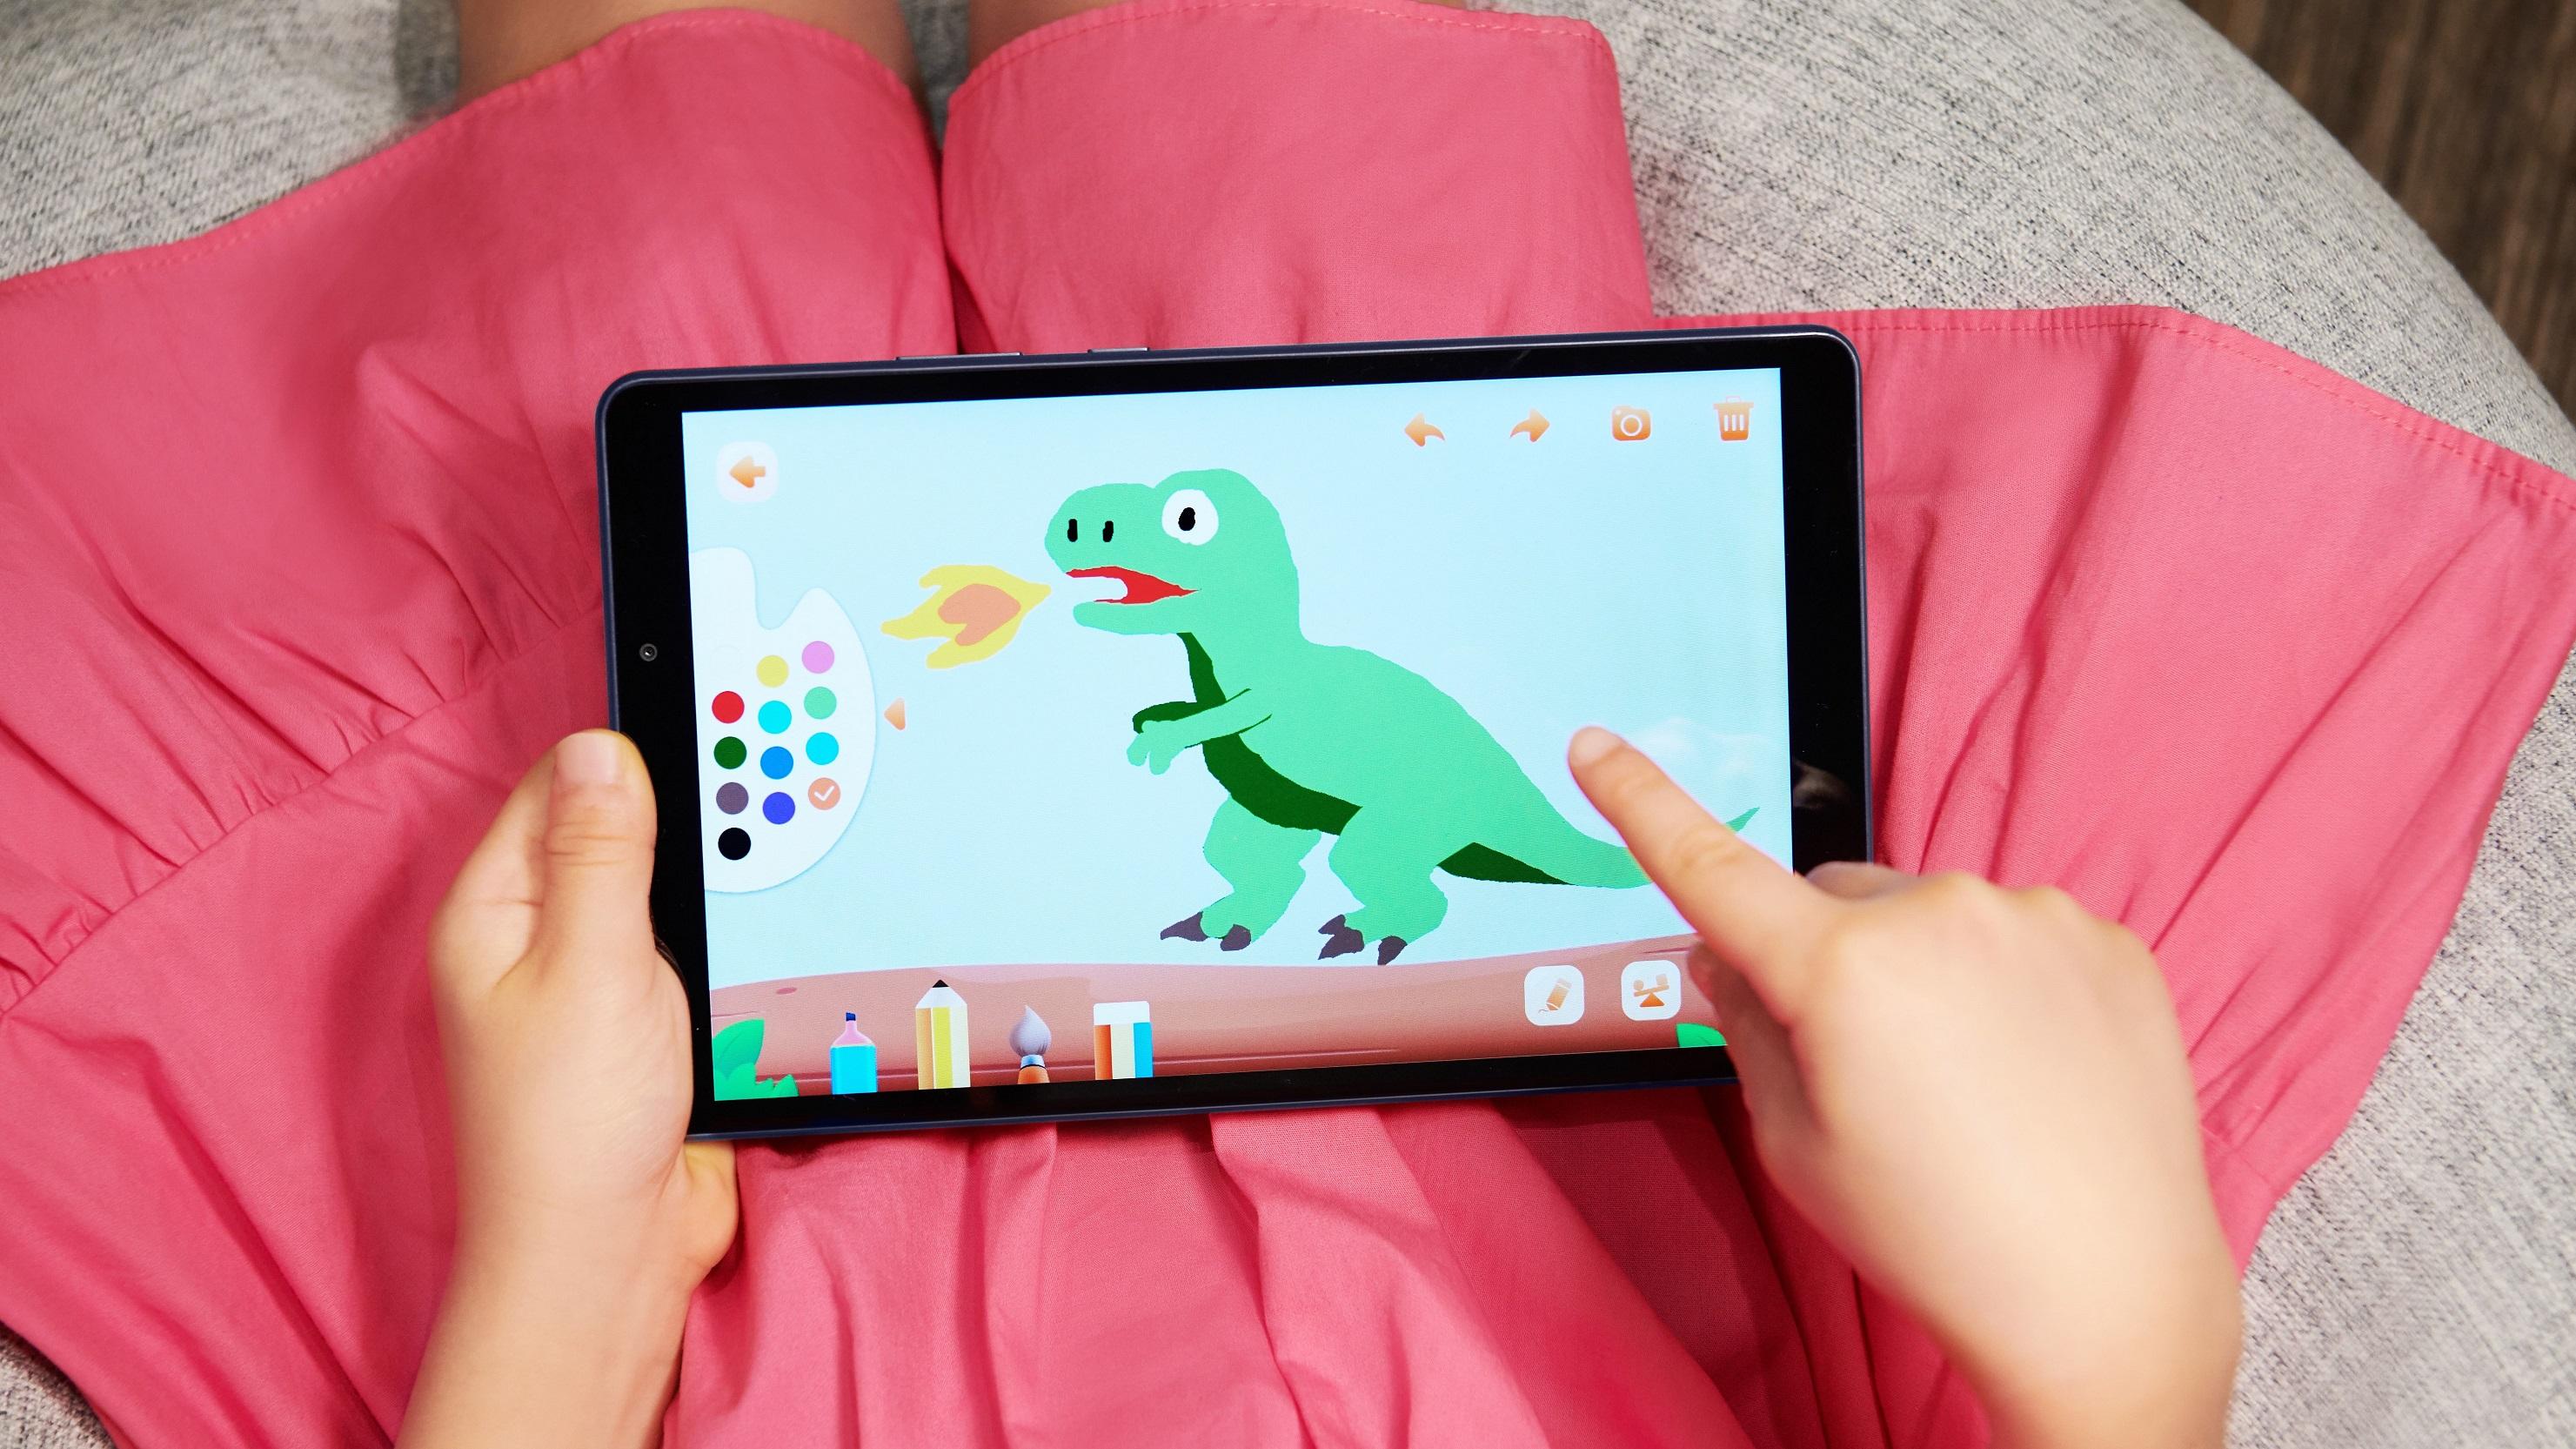 Huawei MatePad T8 Rilis di Indonesia, Harga Rp1,6 Juta